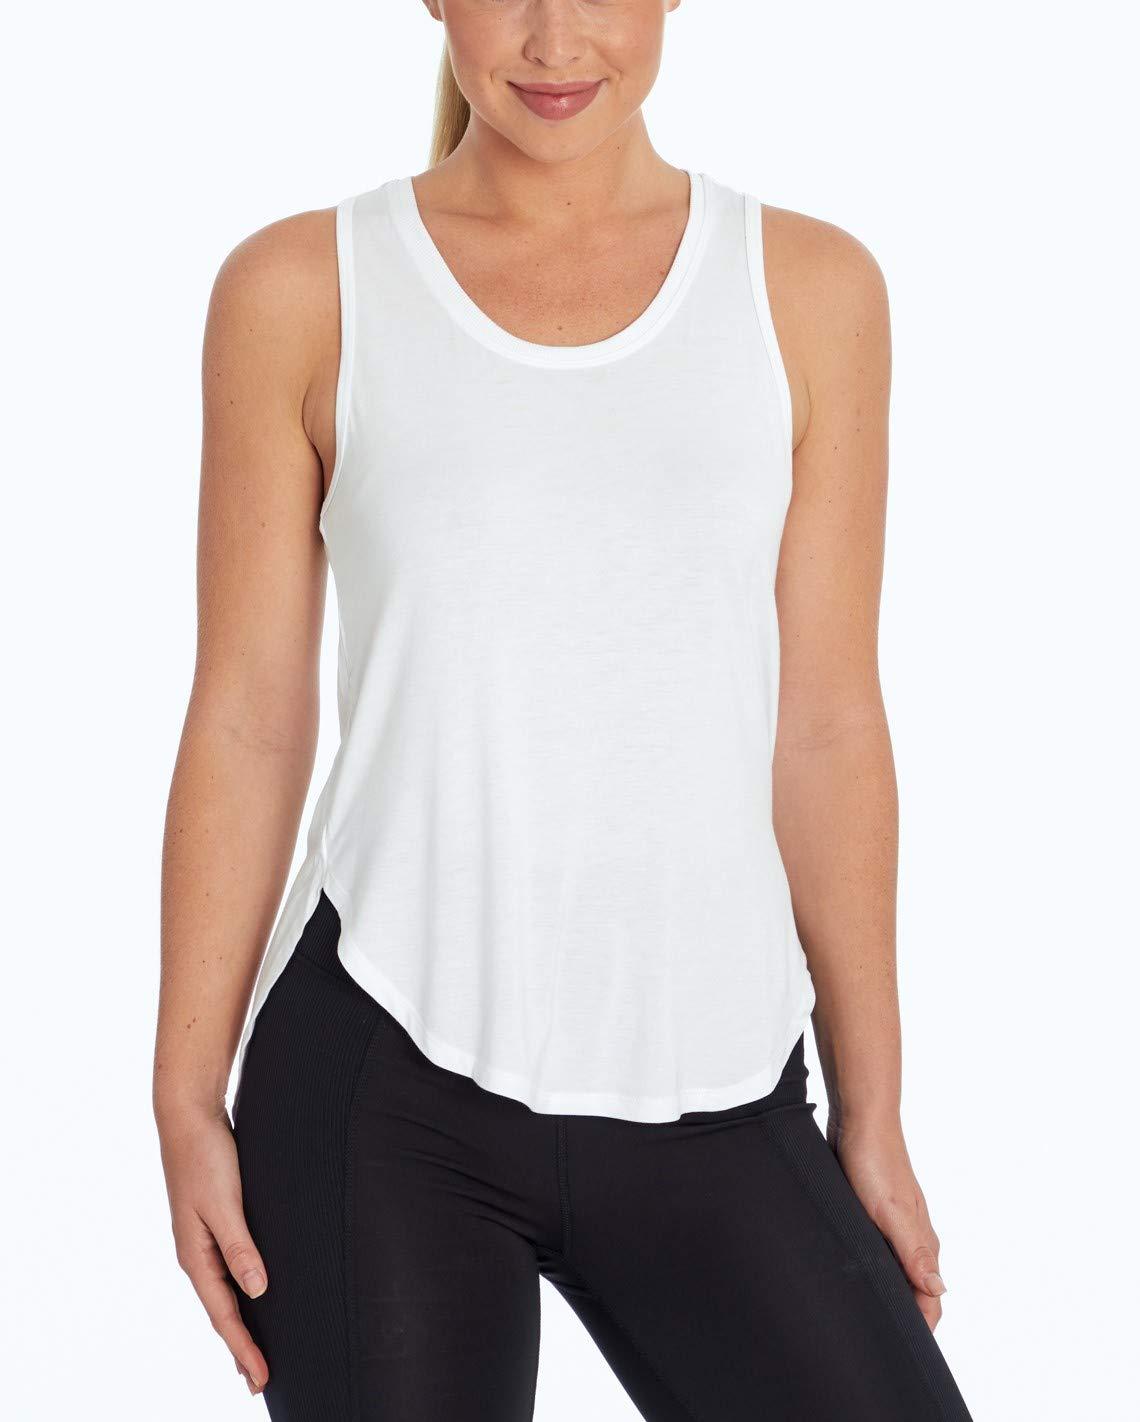 Jessica Simpson Sportswear Women's Bo Singlet Tank Top